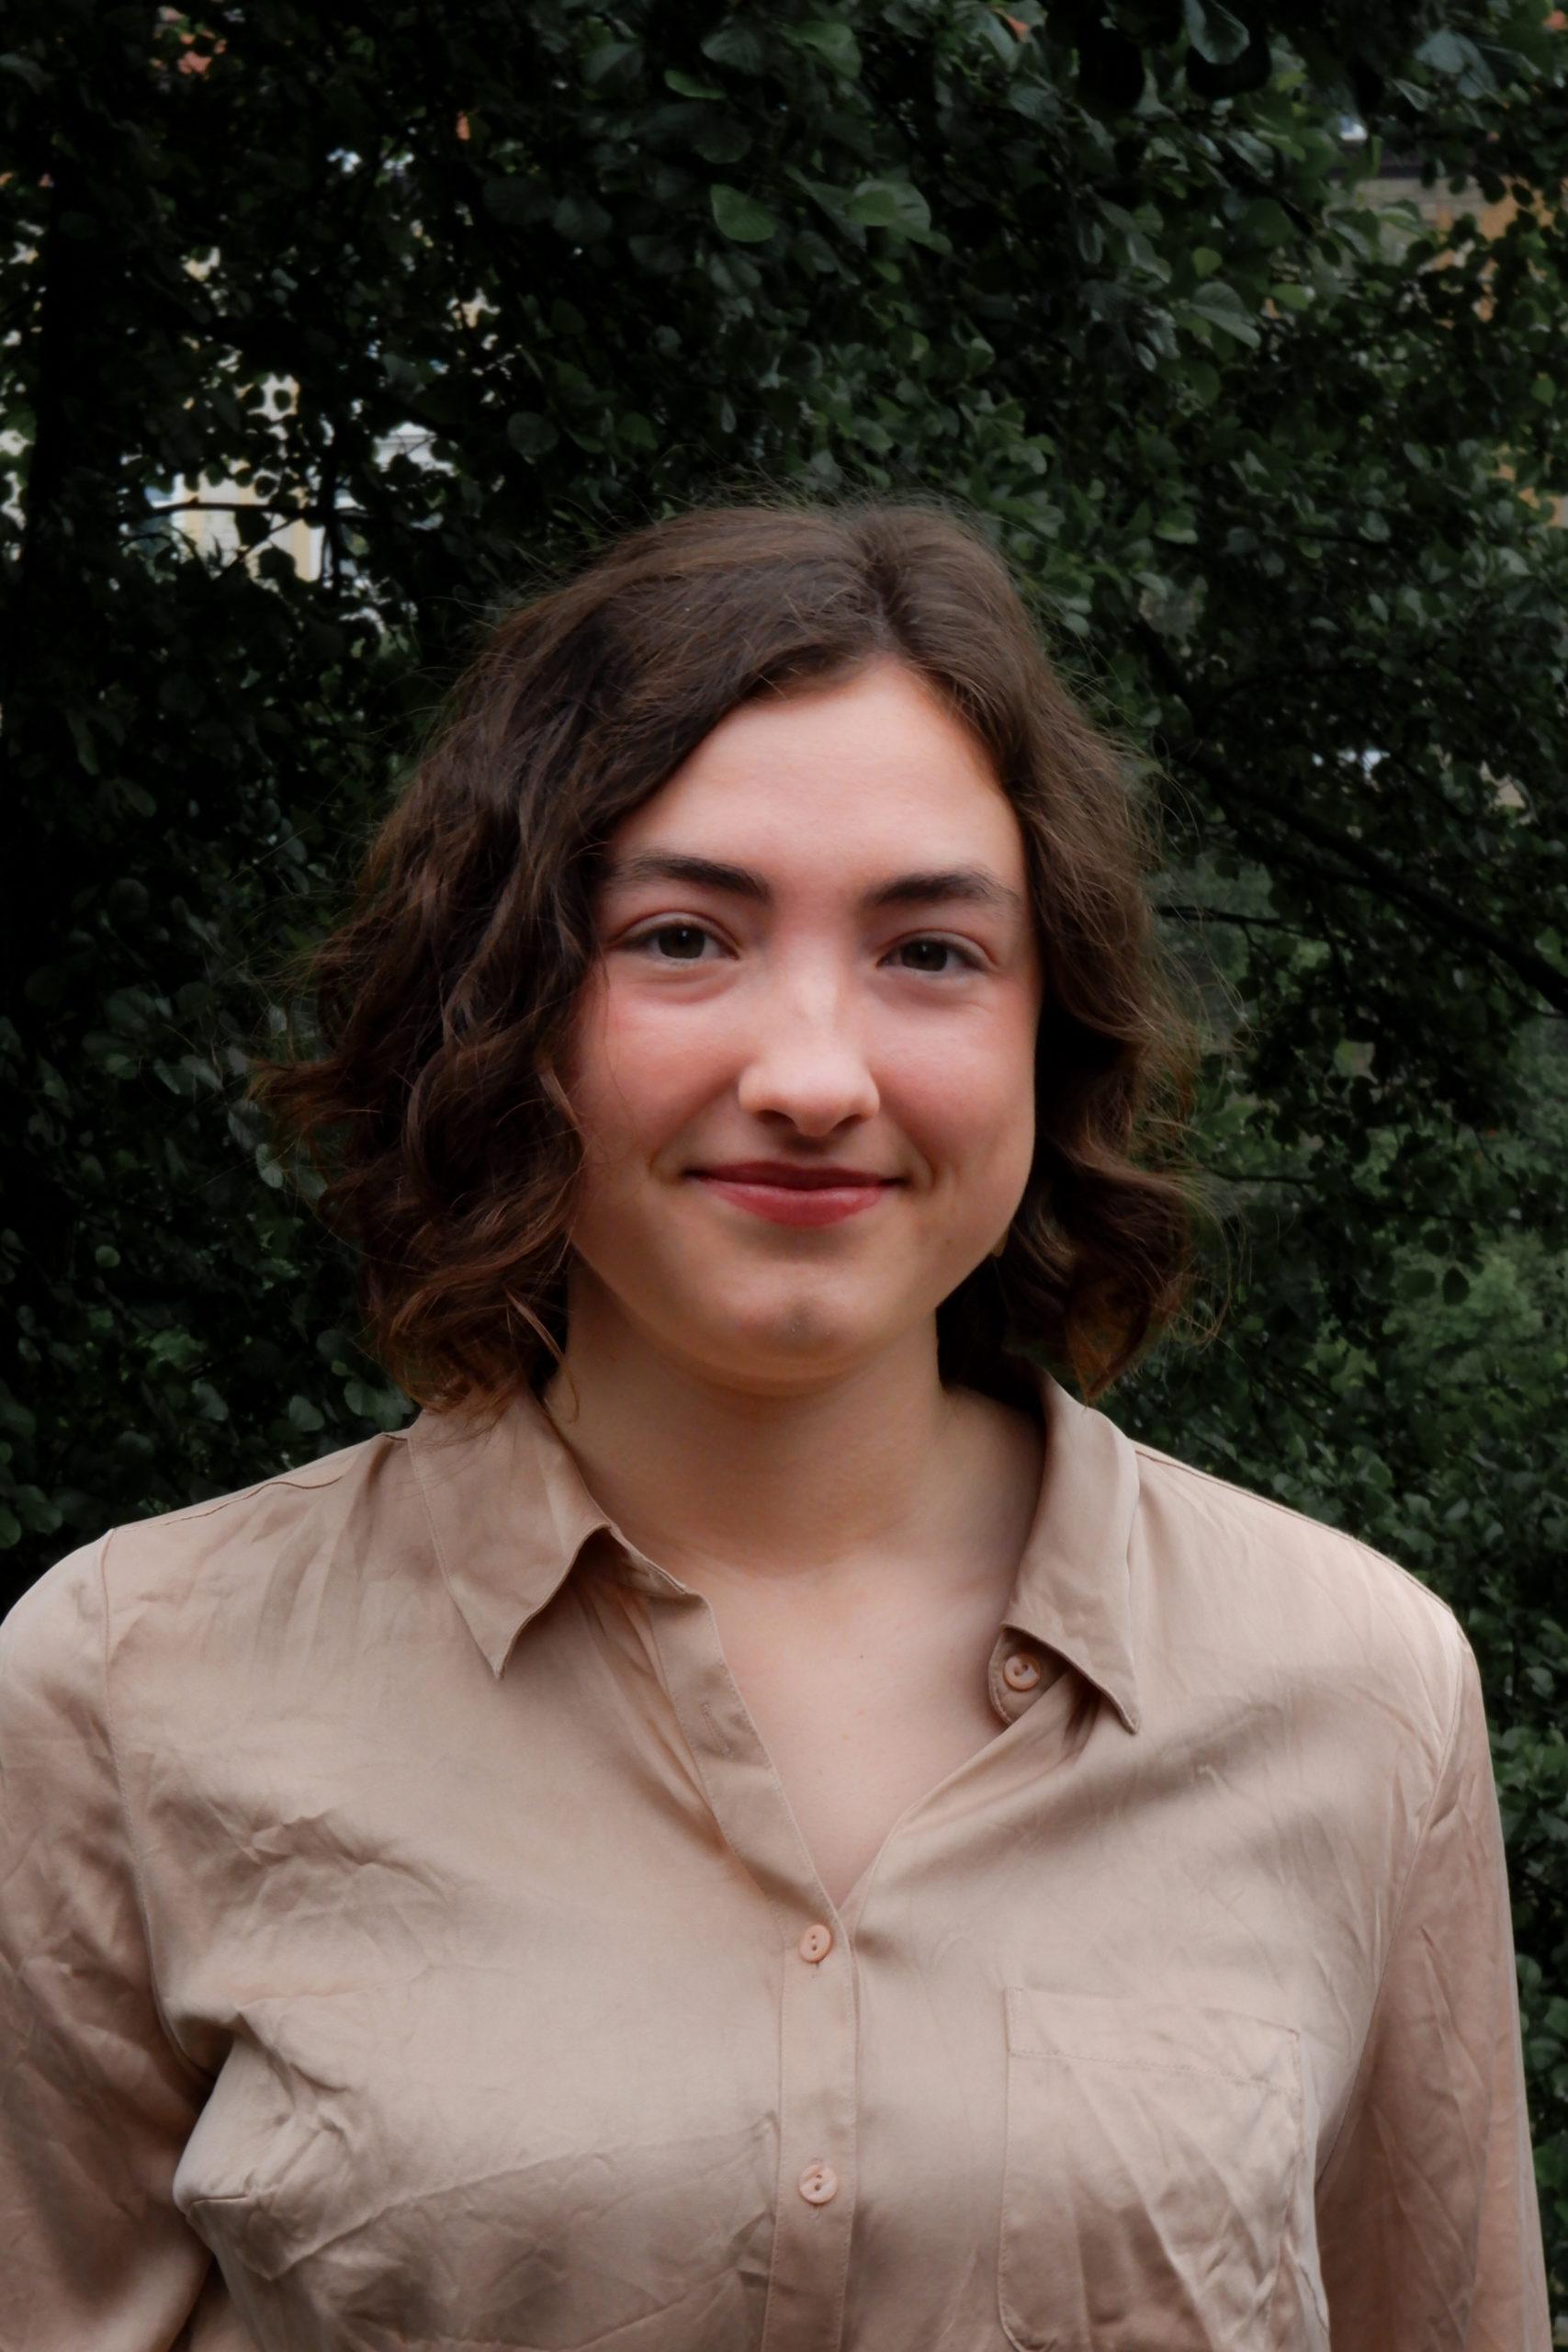 Ruth Silberhorn